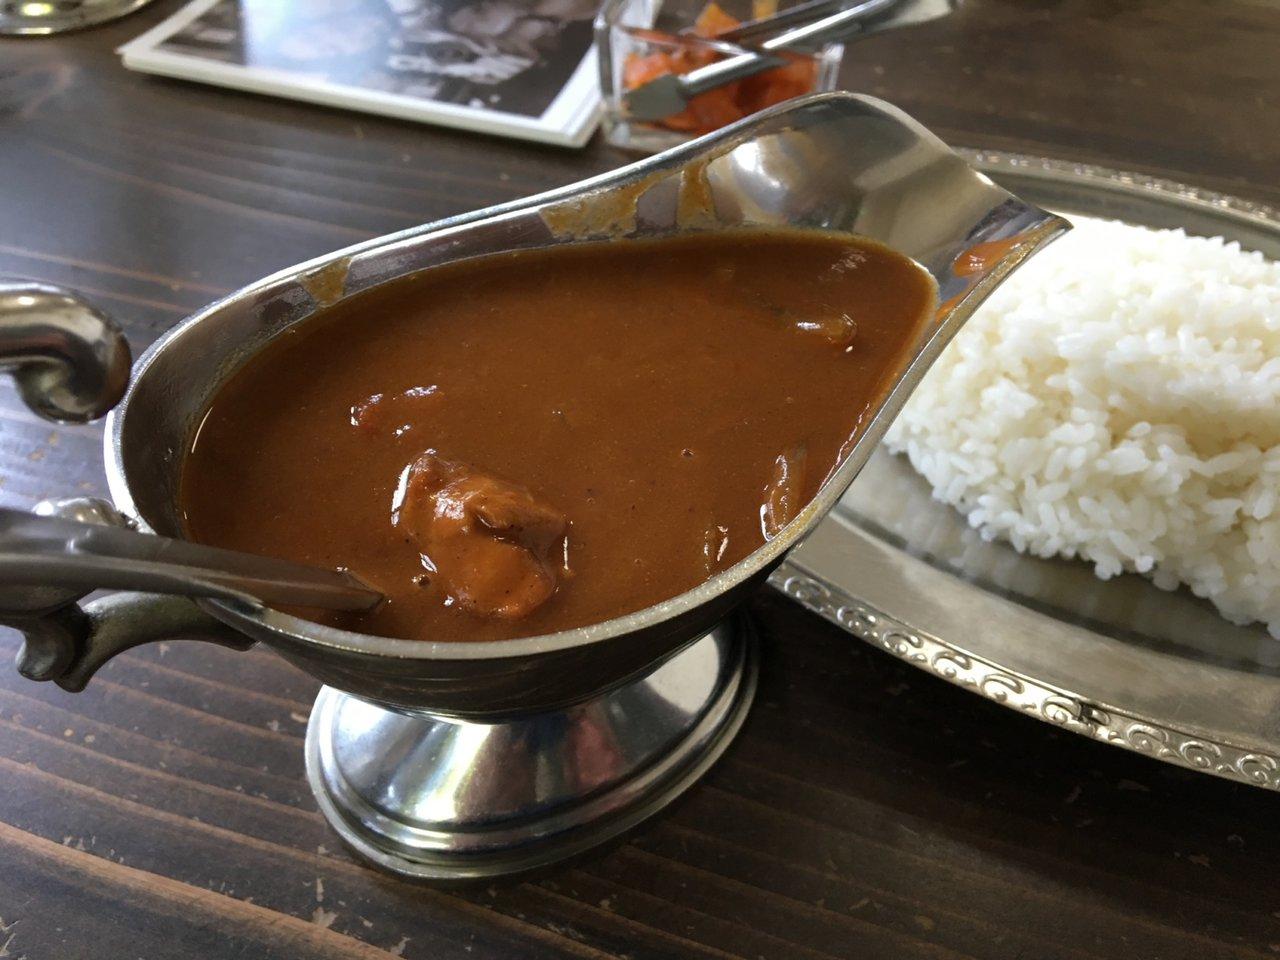 大正ロマン薫る「岡山禁酒会館」で食すライスカレー